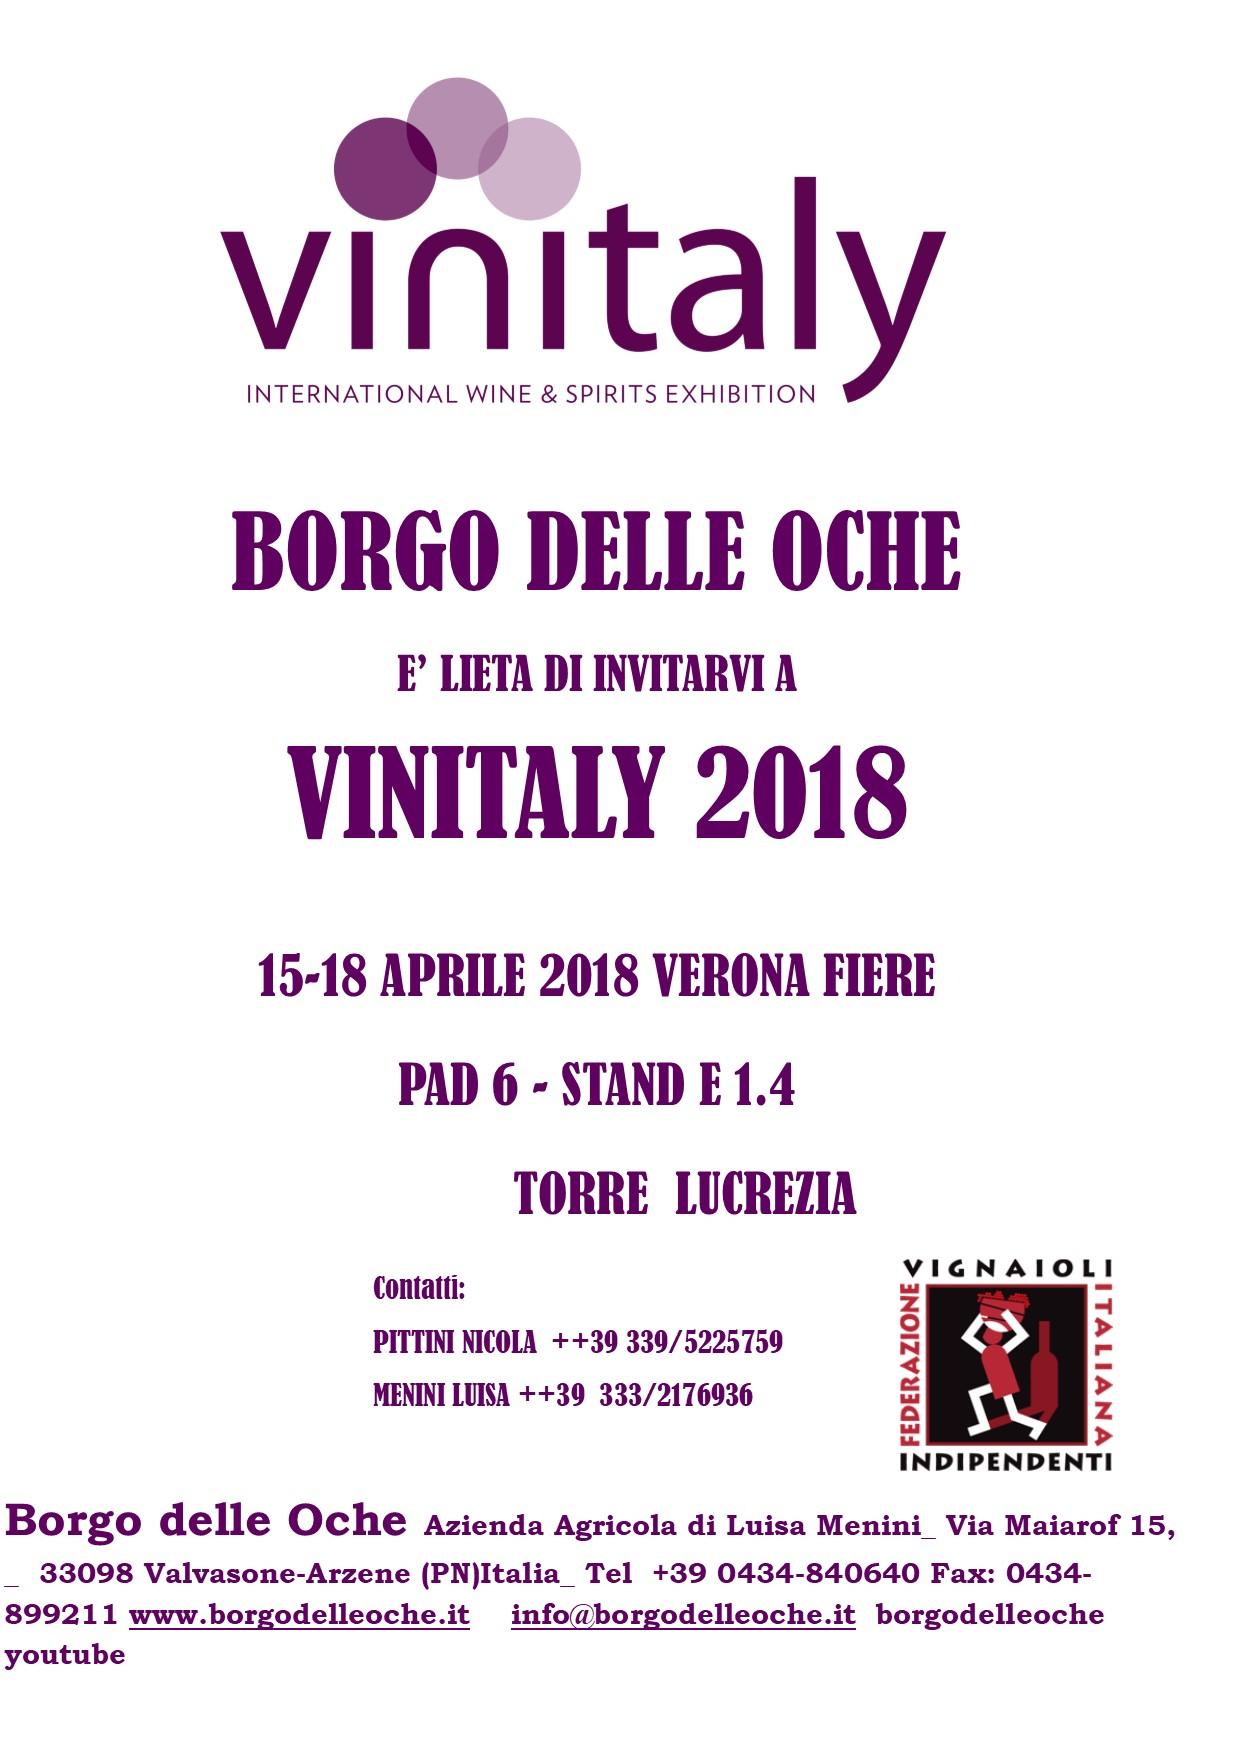 VINITALY 2018 ITA